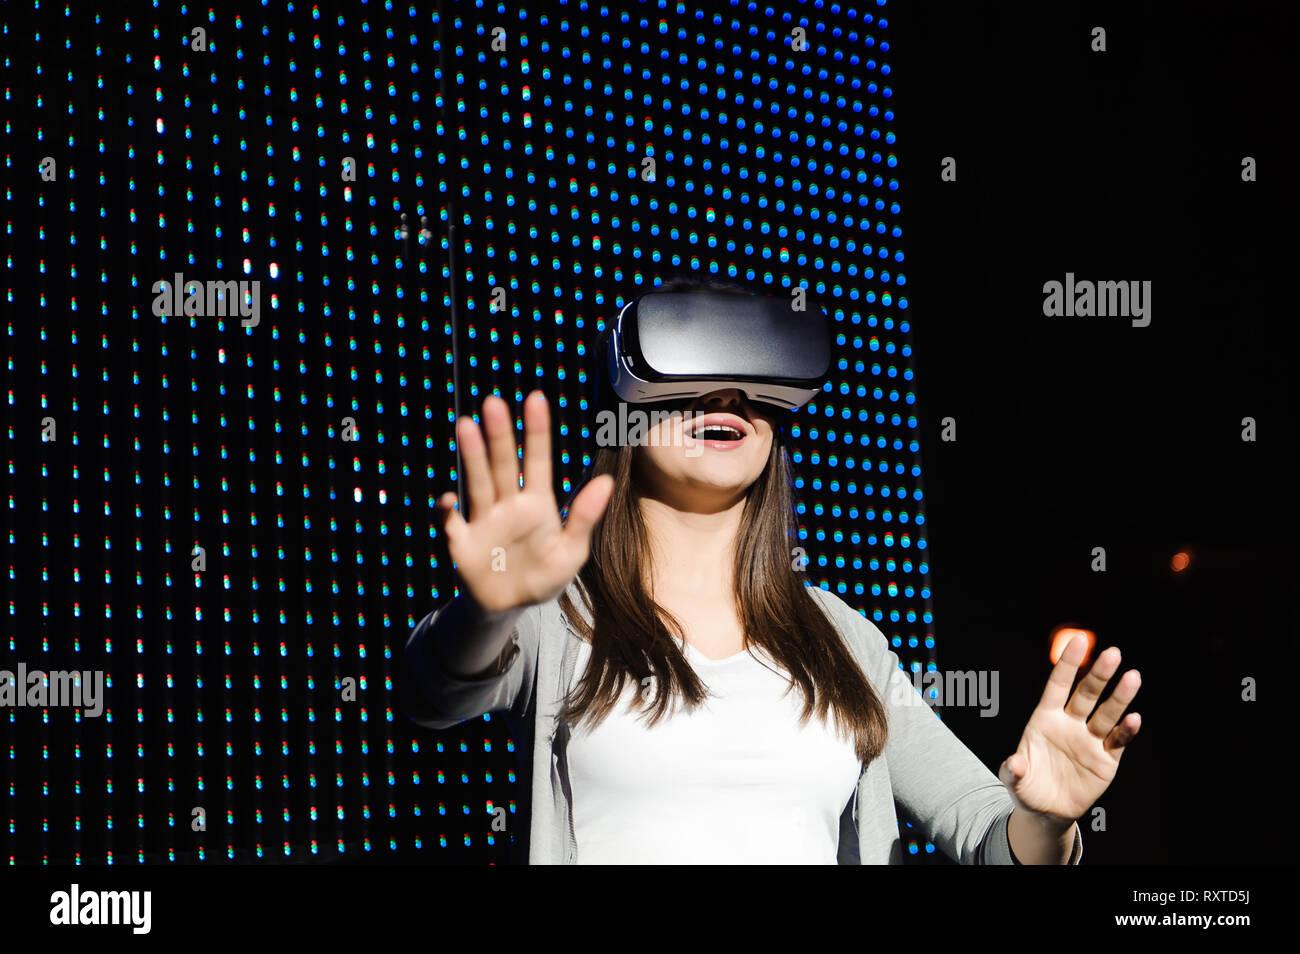 Jeune femme porter des lunettes numériques de la réalité virtuelle. Banque D'Images